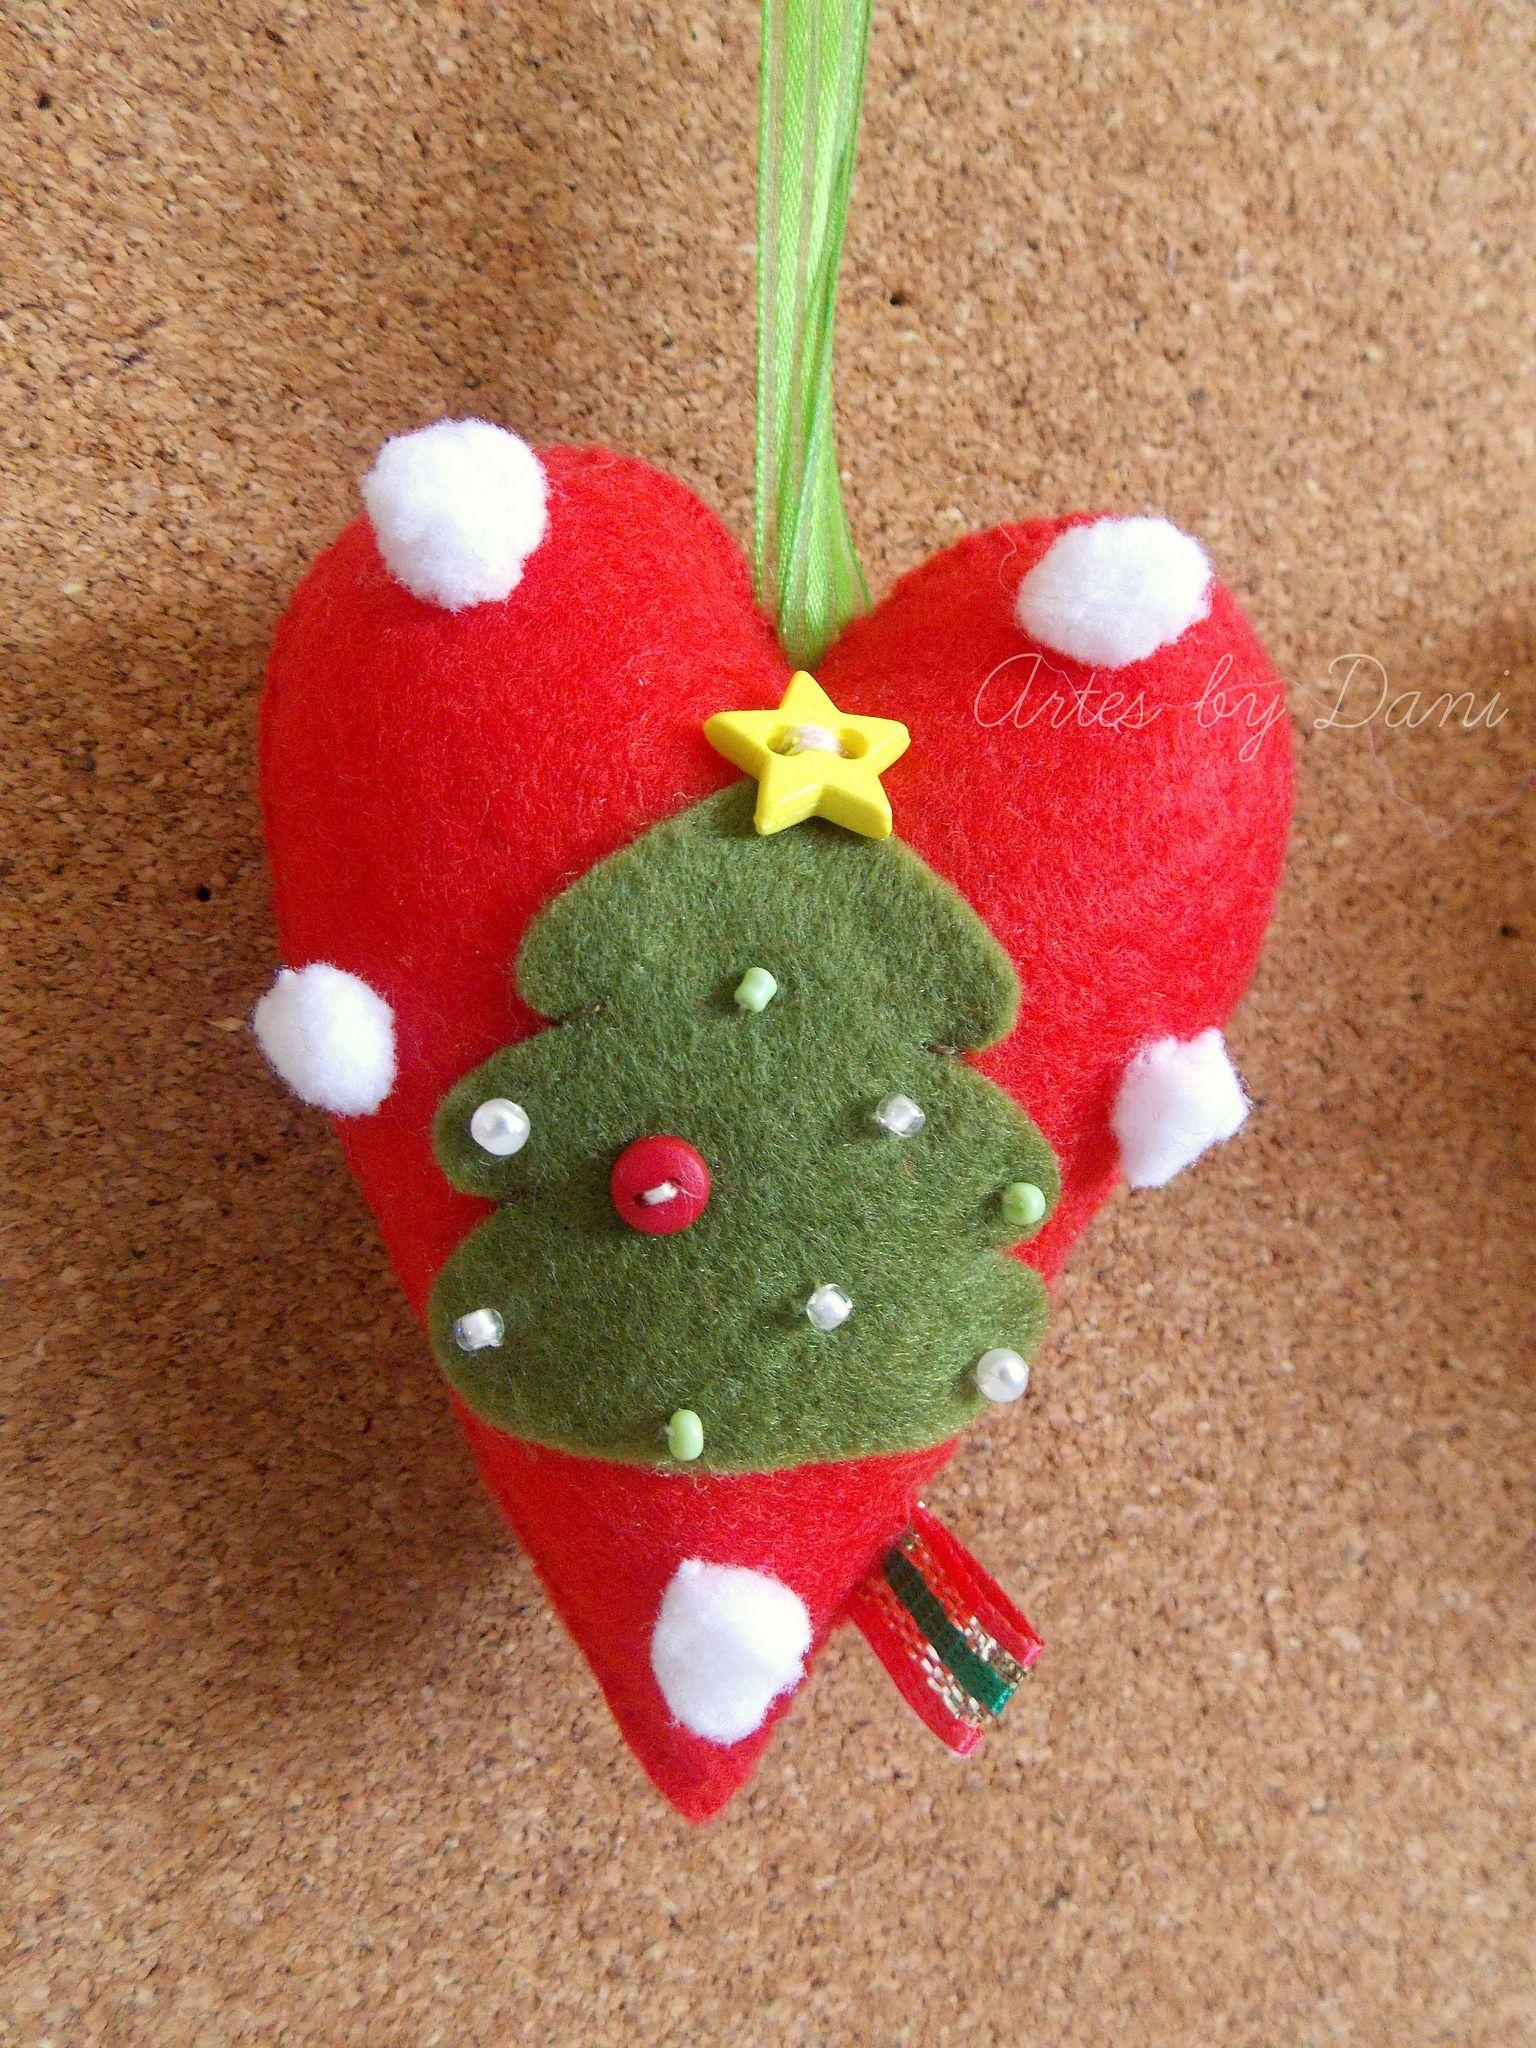 https://flic.kr/p/gJF3YF | Enfeites de natal! | E o natal vai chegando por aqui... Pedido da Juliana - Campinas/SP feito há quase 1 ano atrás... :)